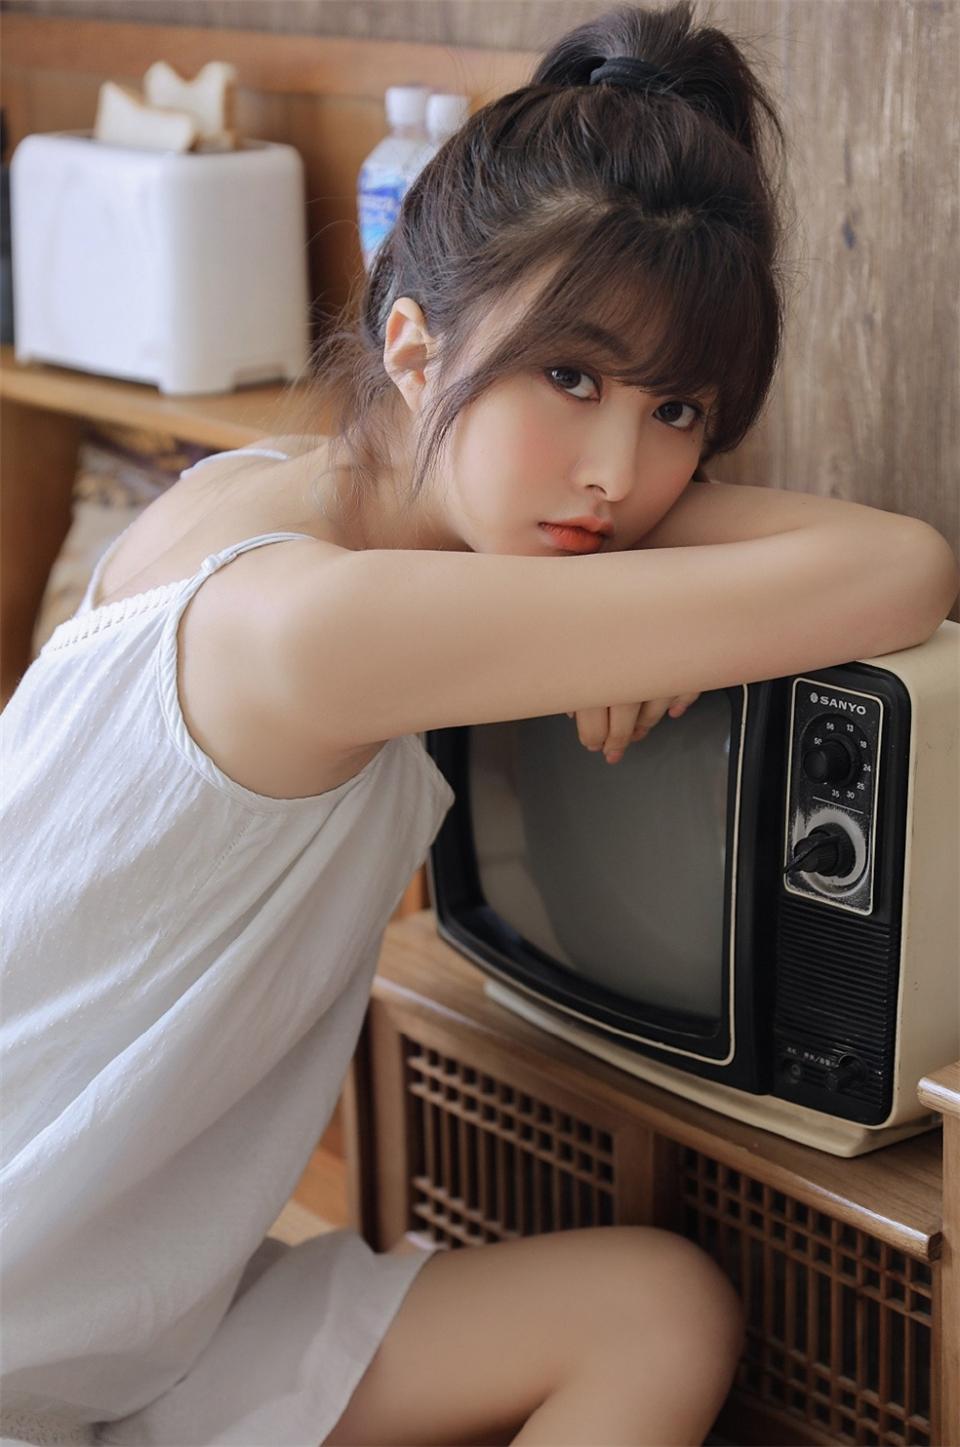 清纯不失妩媚的邻家小妹妹夏日清凉吸睛女生照片